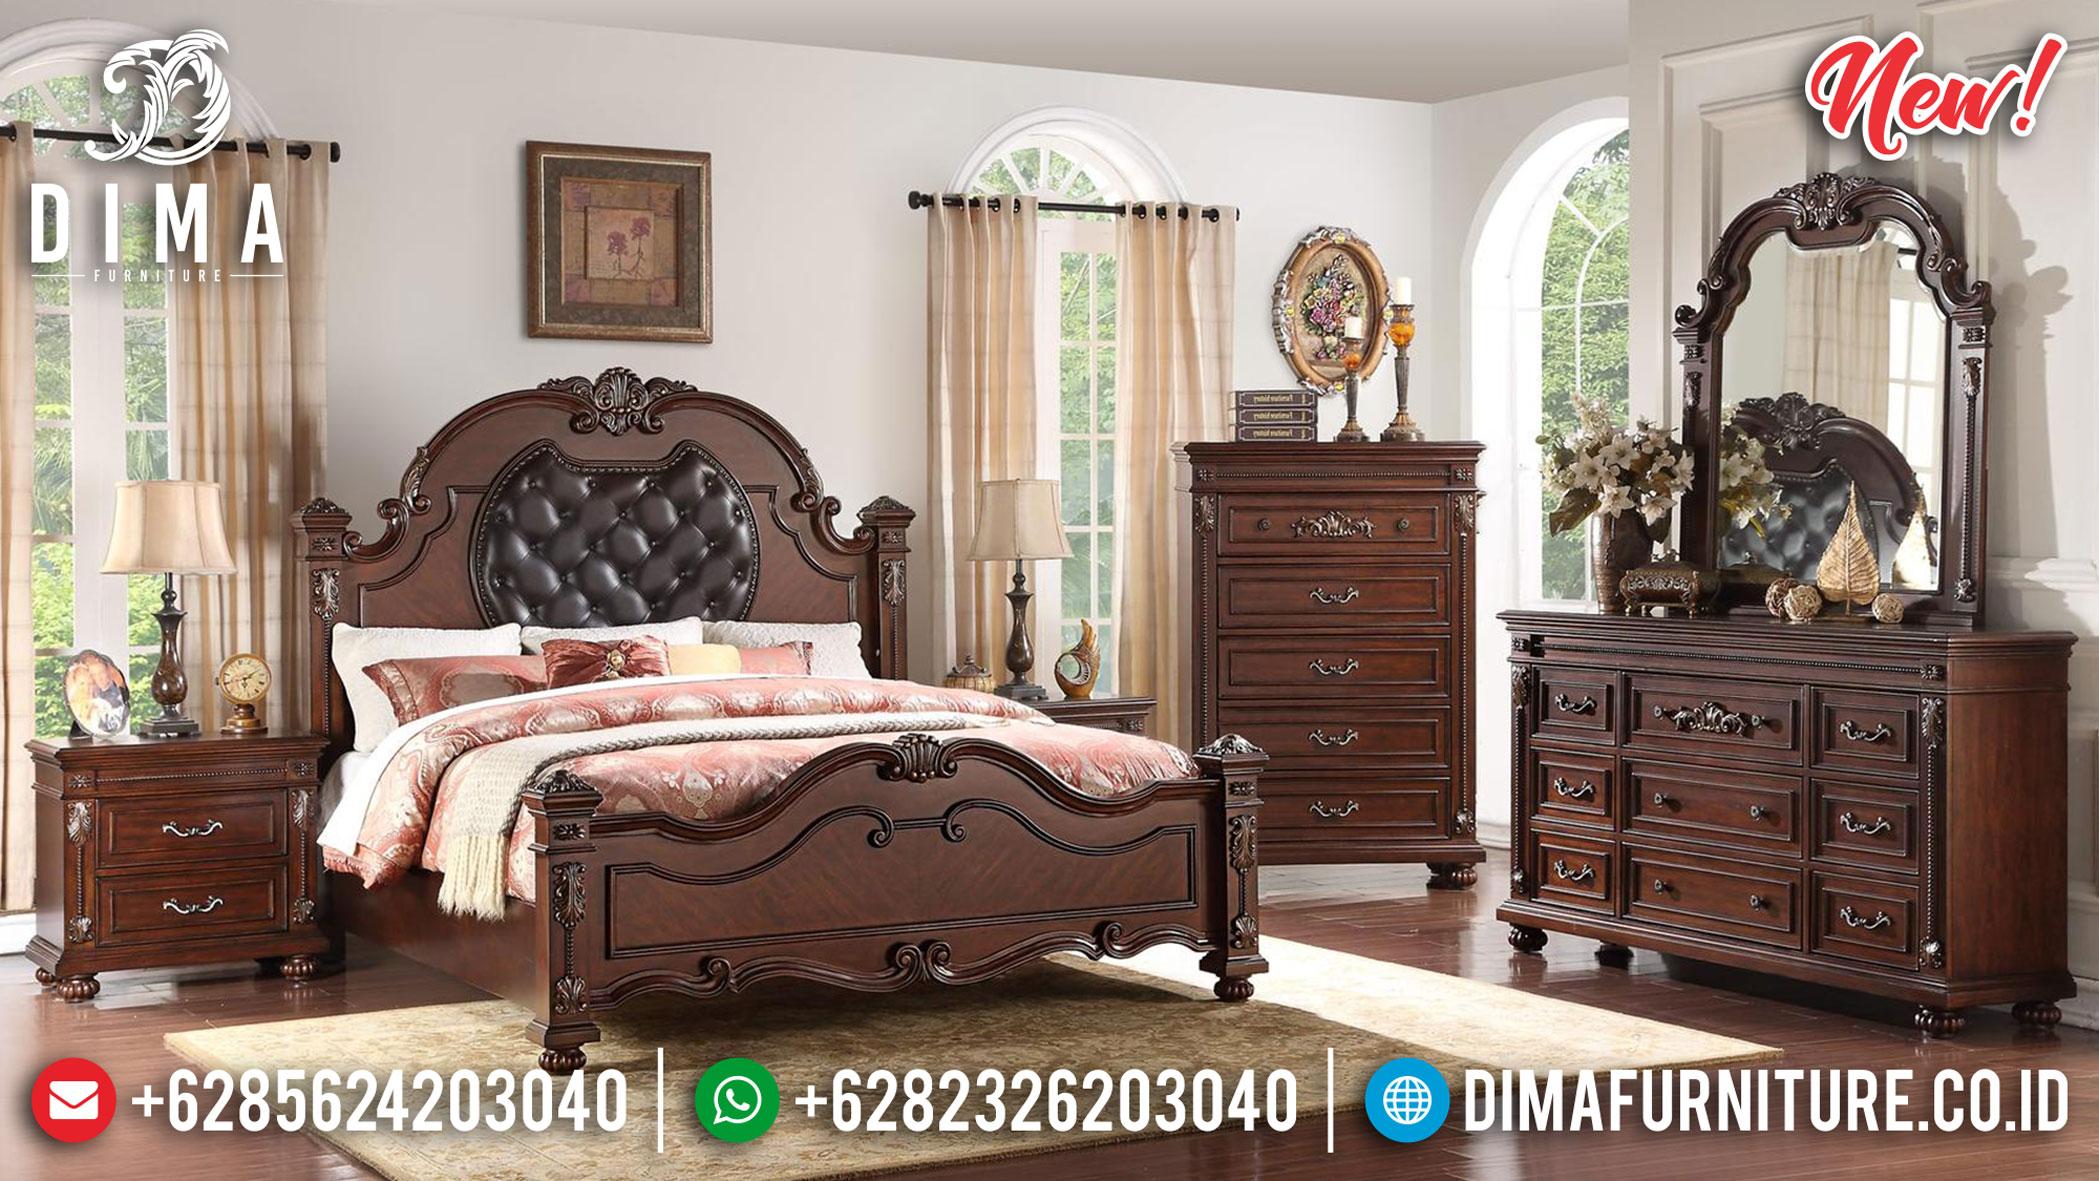 Harga Kamar Set Kayu Jati Ukir Jepara Natural Classic New Red Wood Color TTJ-1071